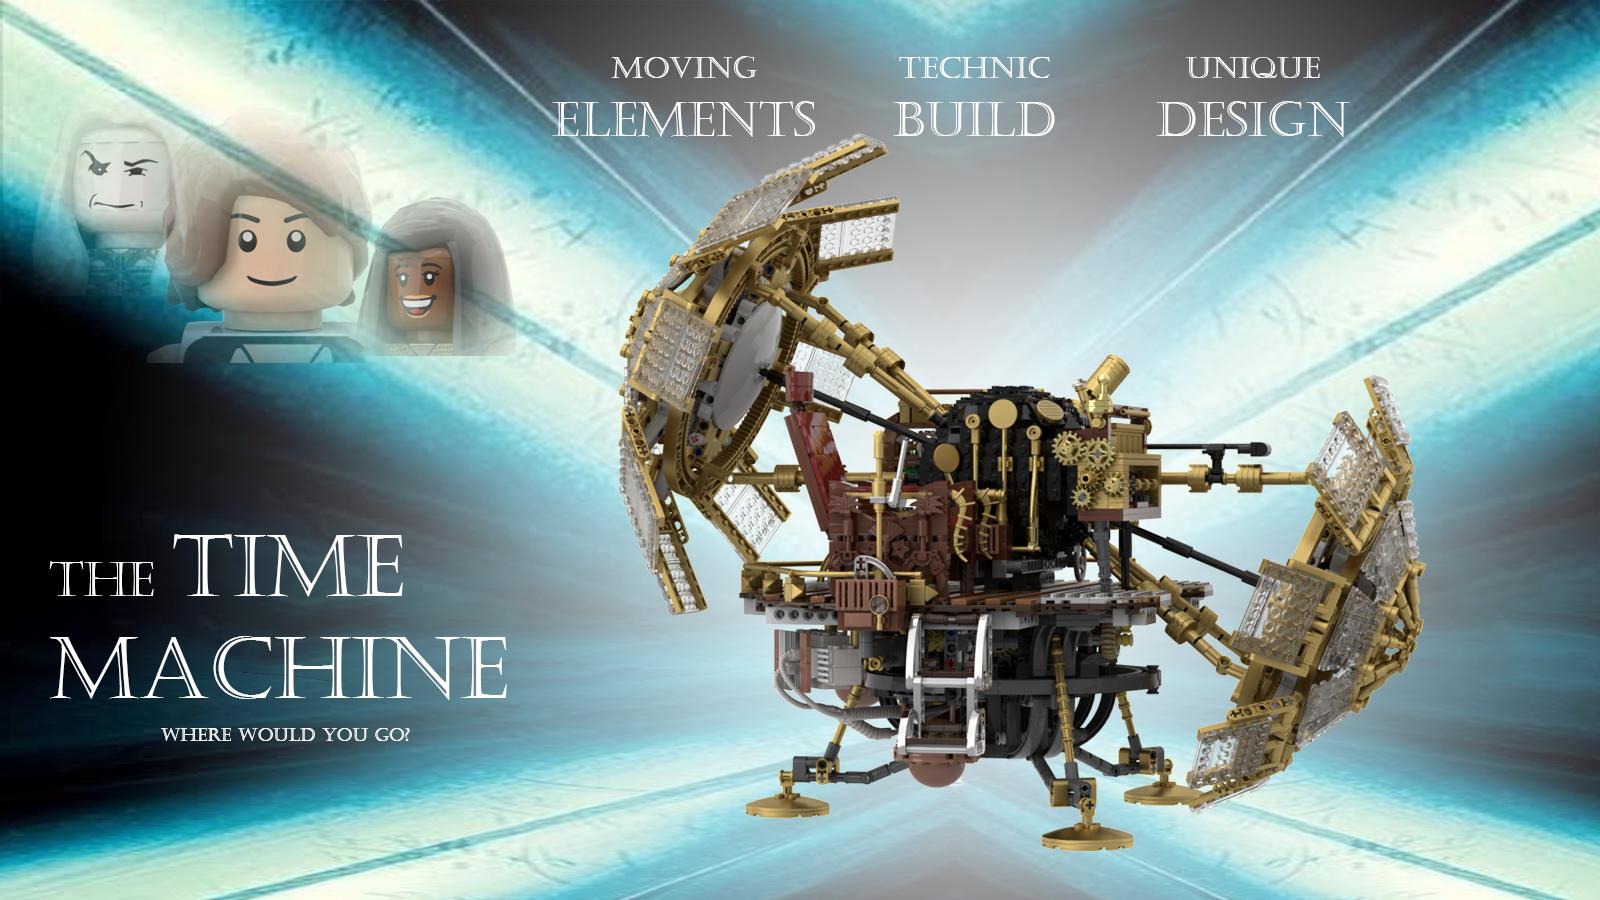 The Time Machine The Time Machine Time Travel Machine Machine Design